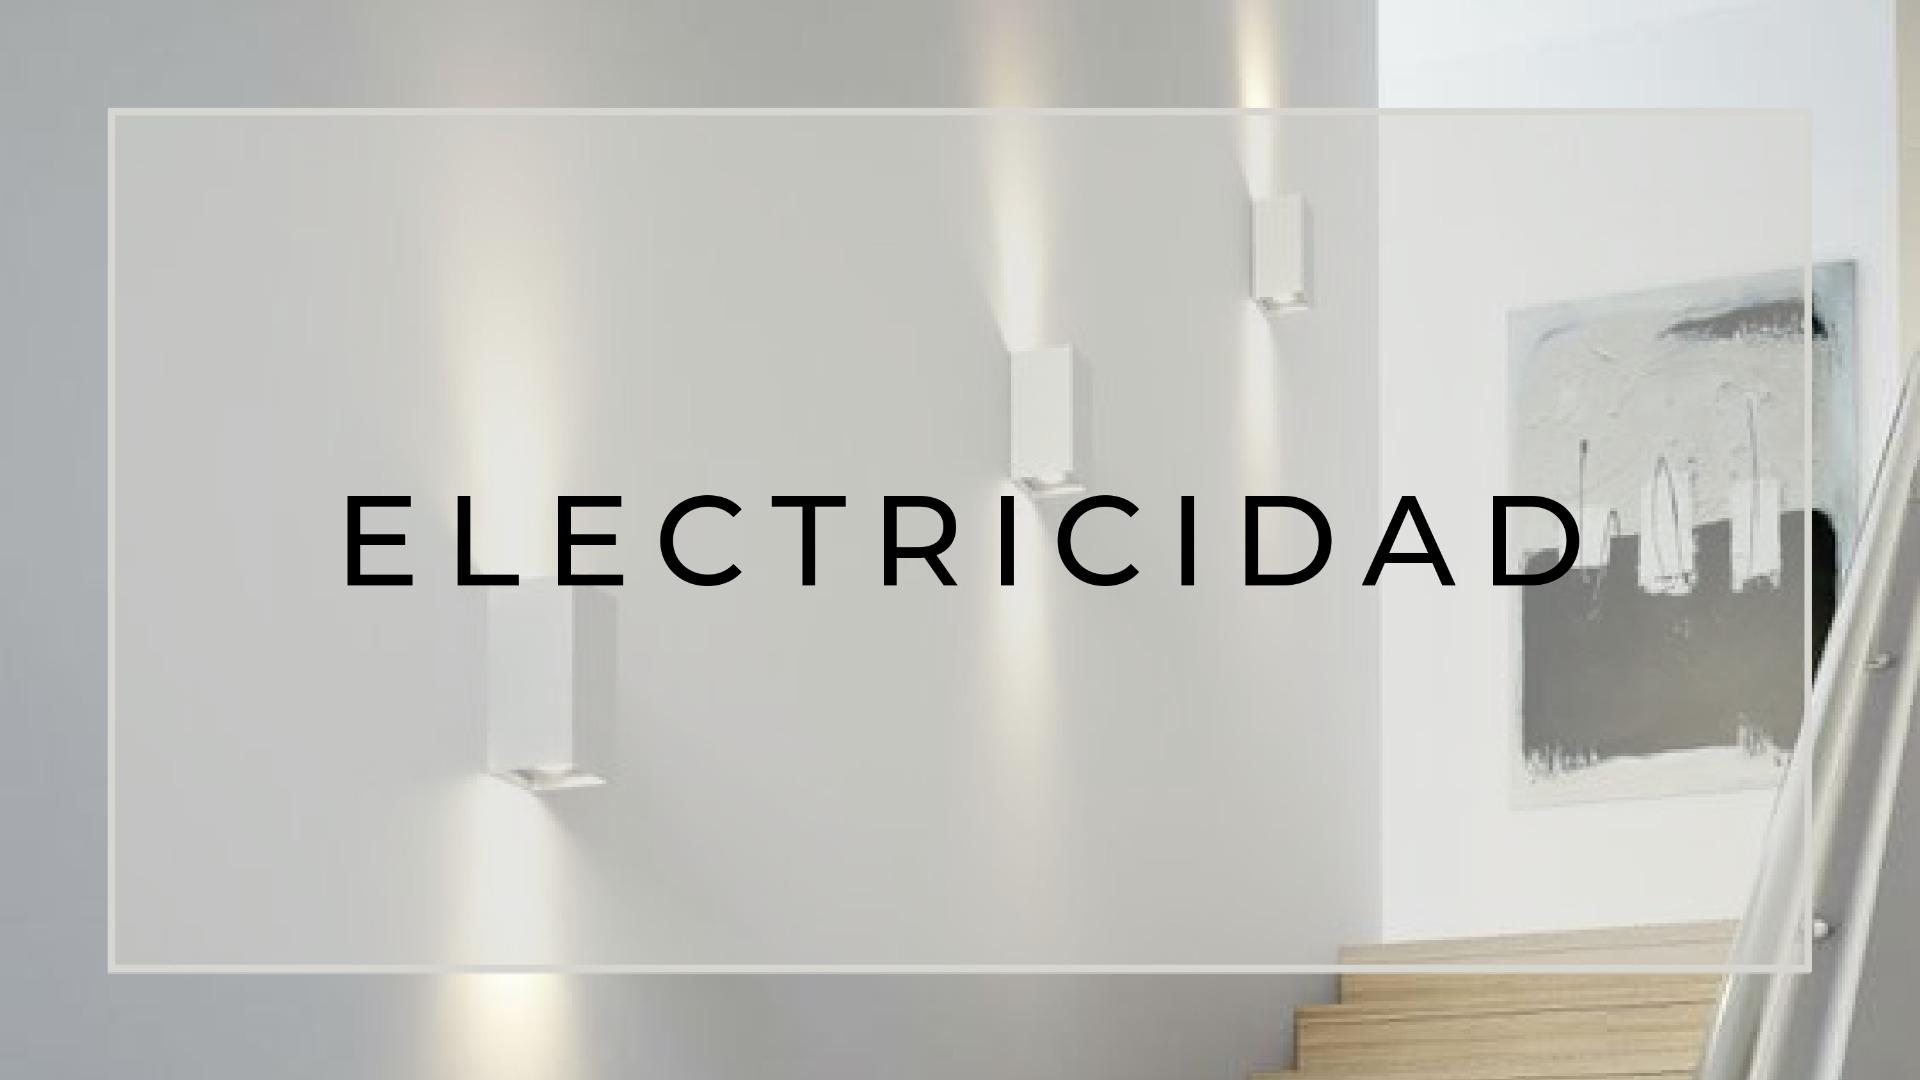 Electricidad, Fontaneria y Clima